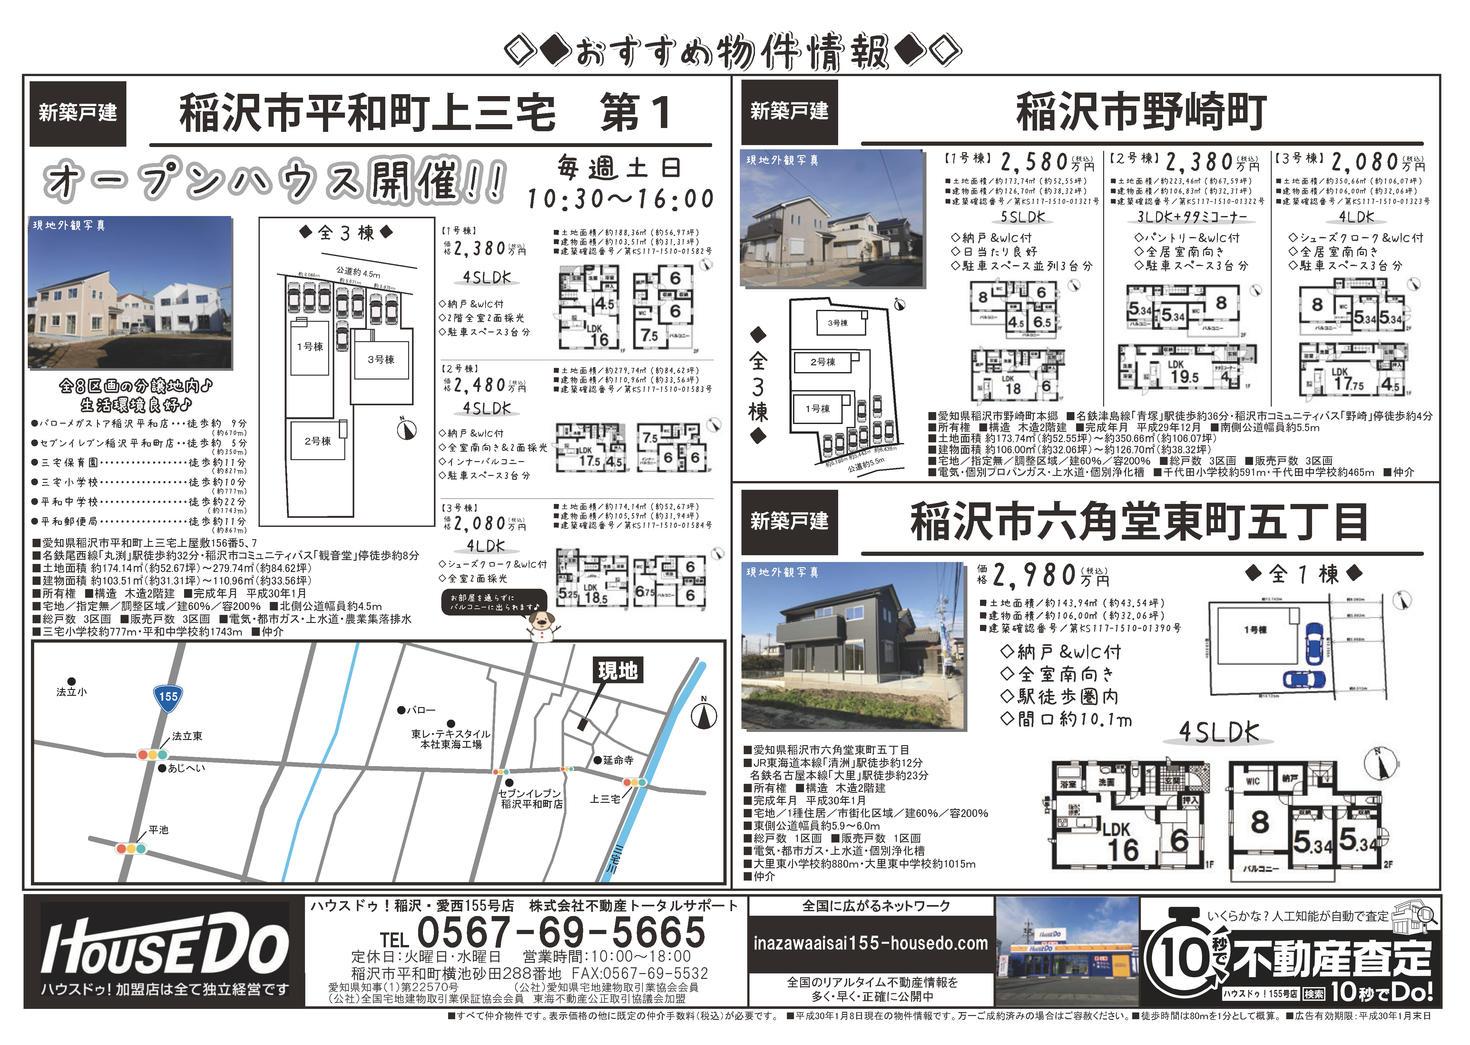 ☆2018年1月12日チラシ☆(稲沢市・愛西市)